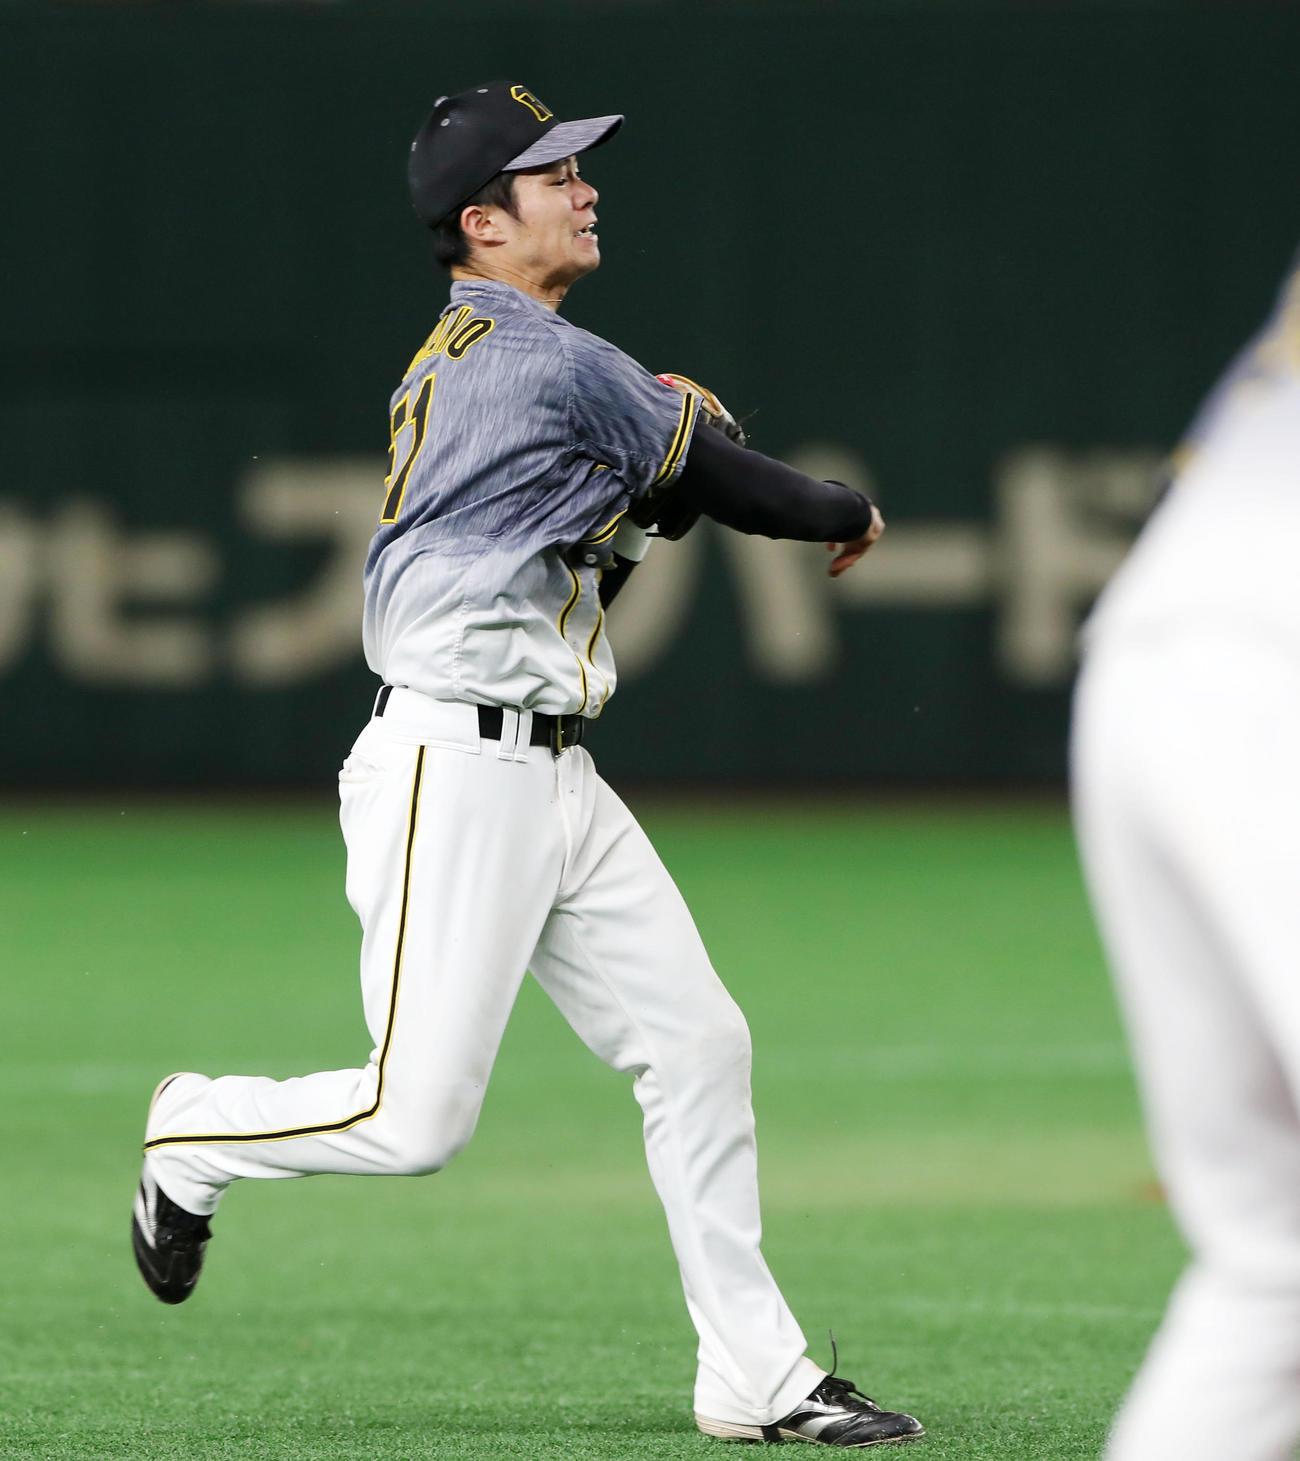 巨人対阪神 9回裏巨人1死満塁、中野は丸の打球を好捕、本塁へ送球し封殺する(撮影・加藤哉)